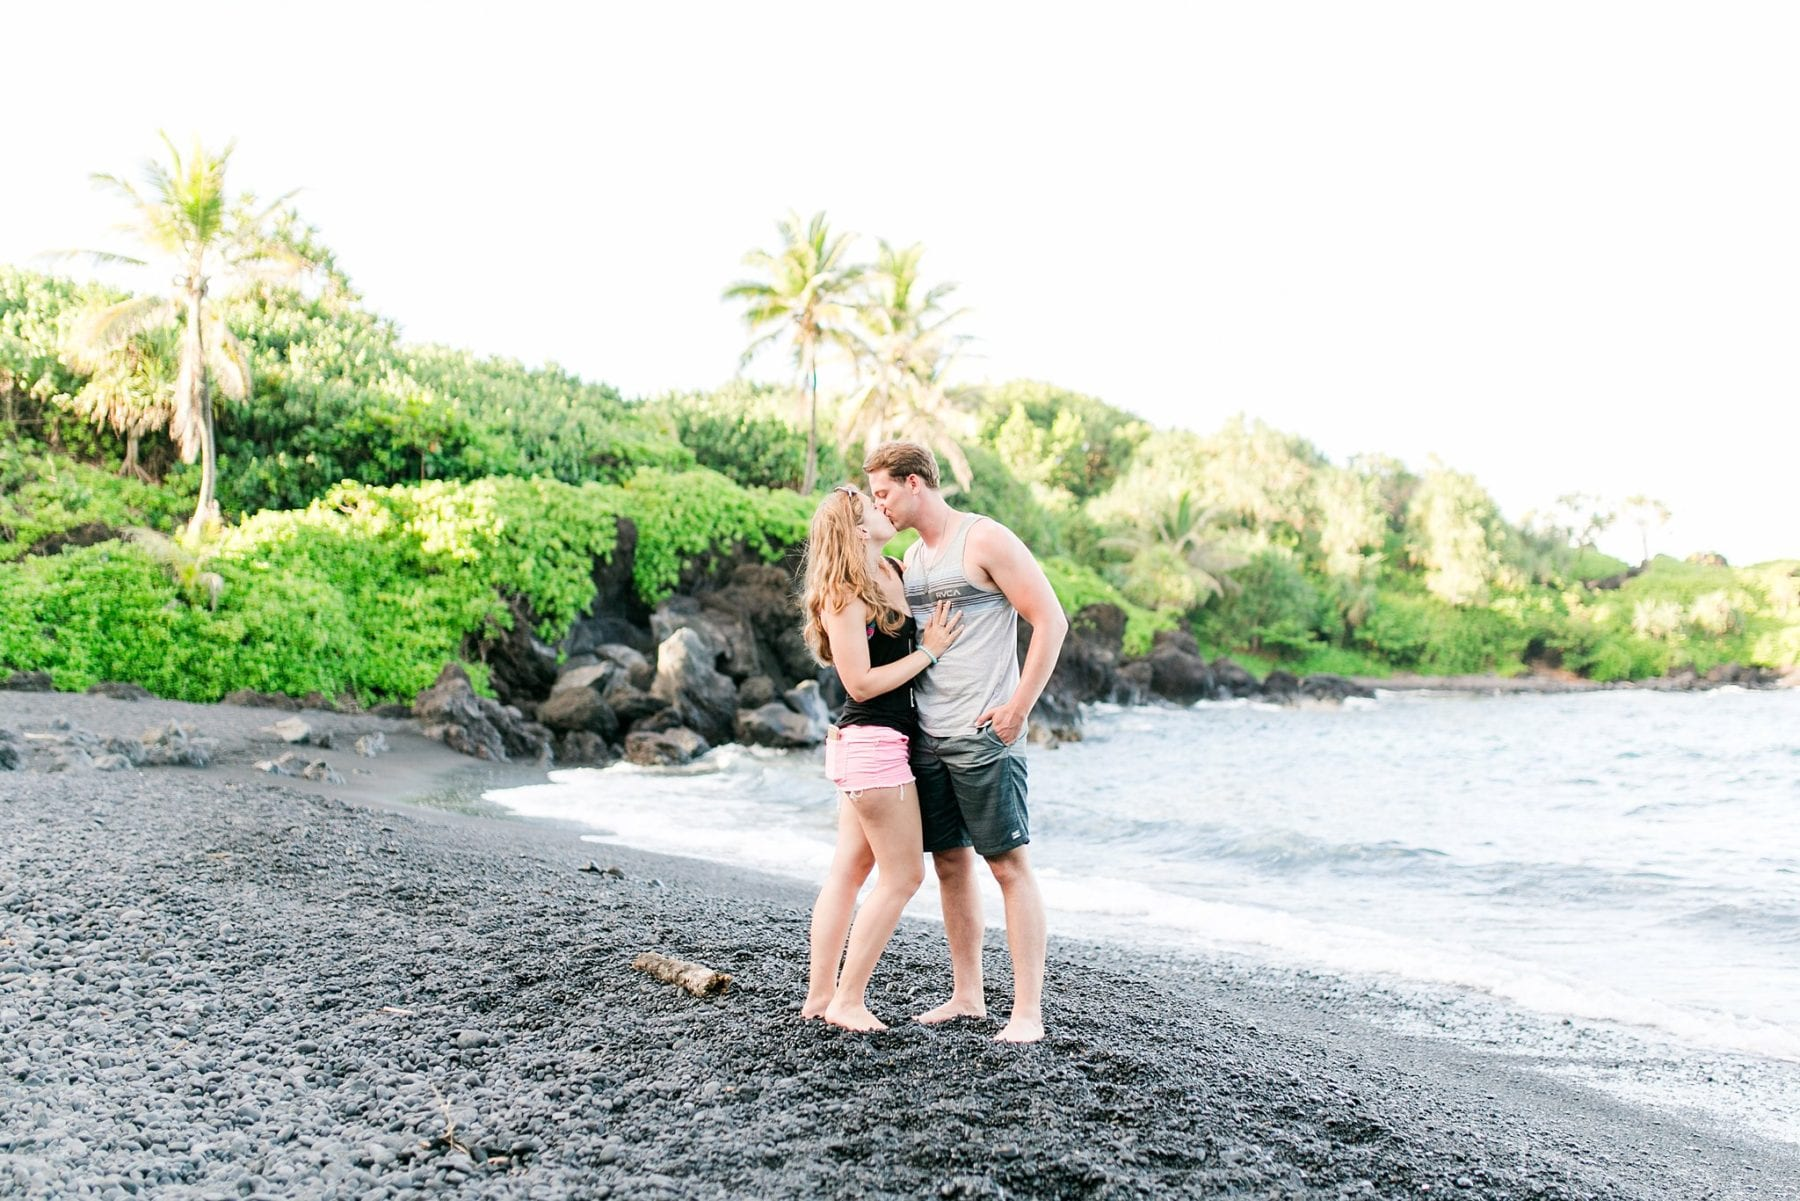 Justin & Megan Hawaiian Honeymoon Maui Oahu Vacation Photos--59.jpg